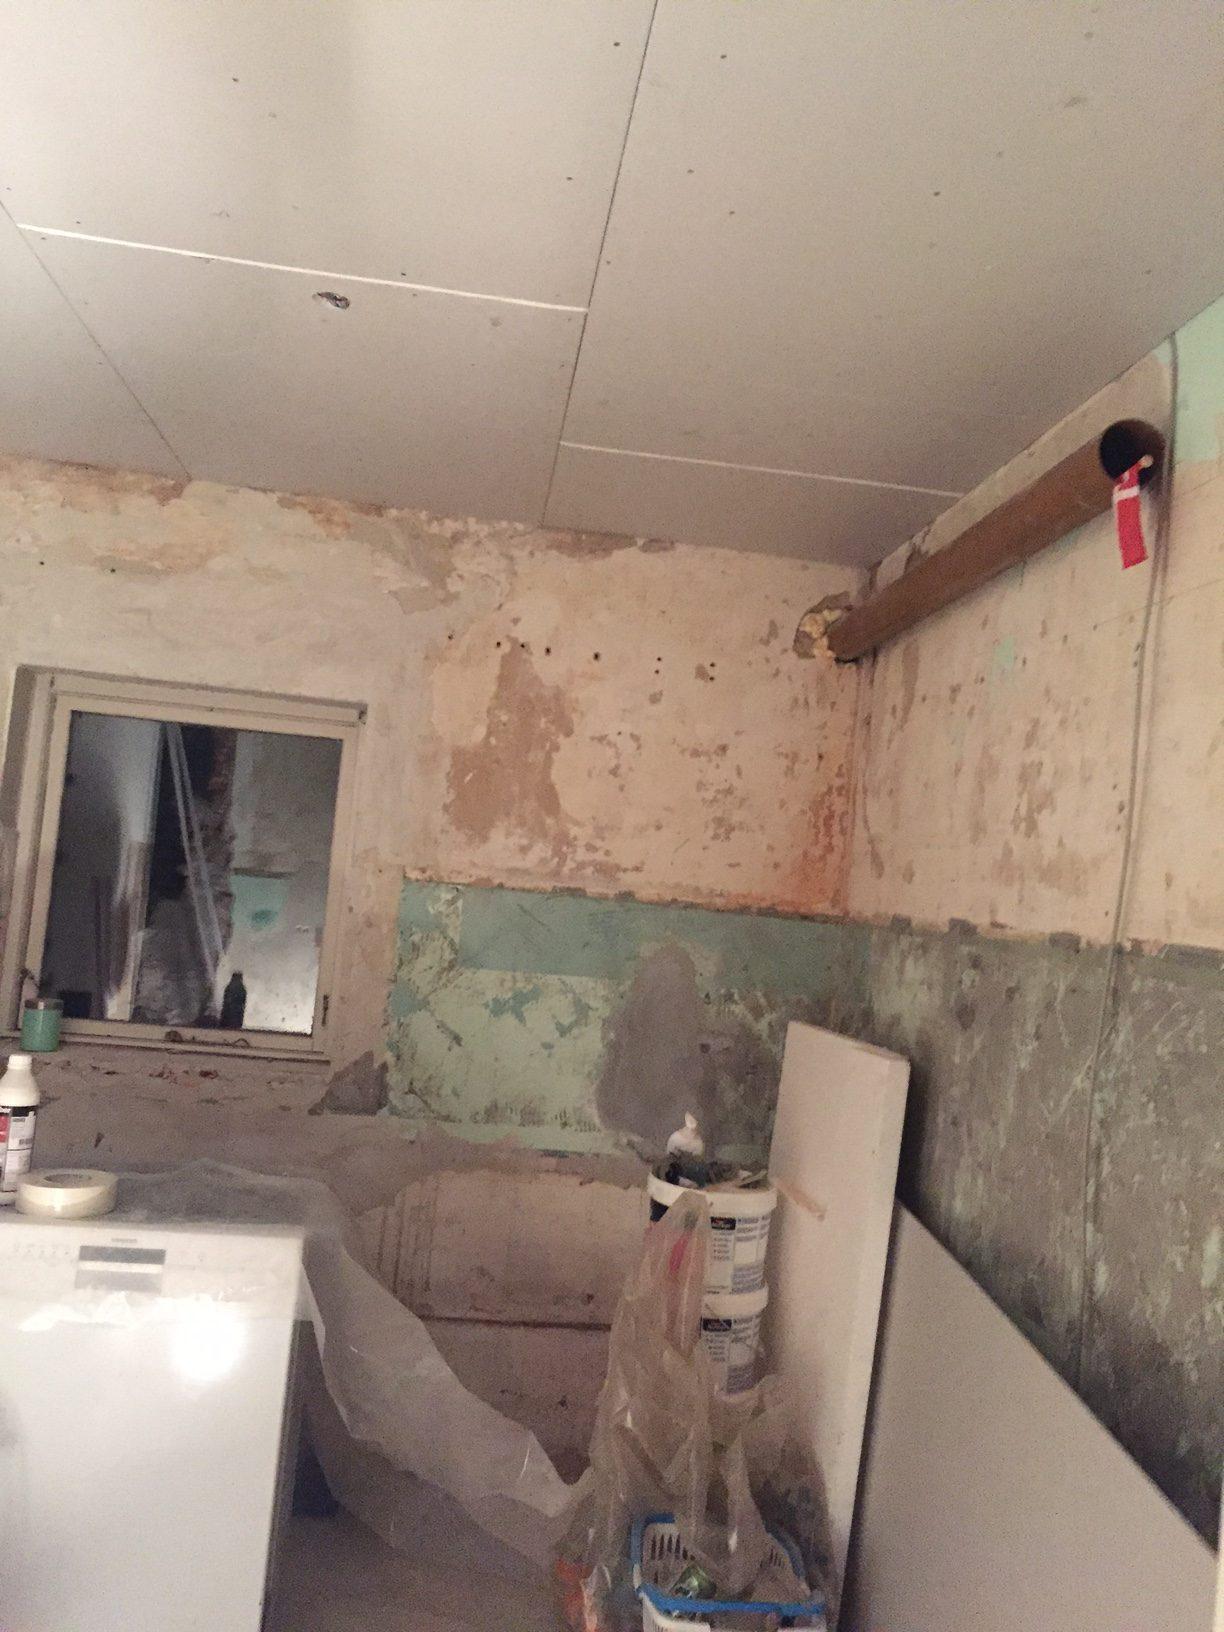 At bo midt i en byggeplads - status på projekt nyt køkken